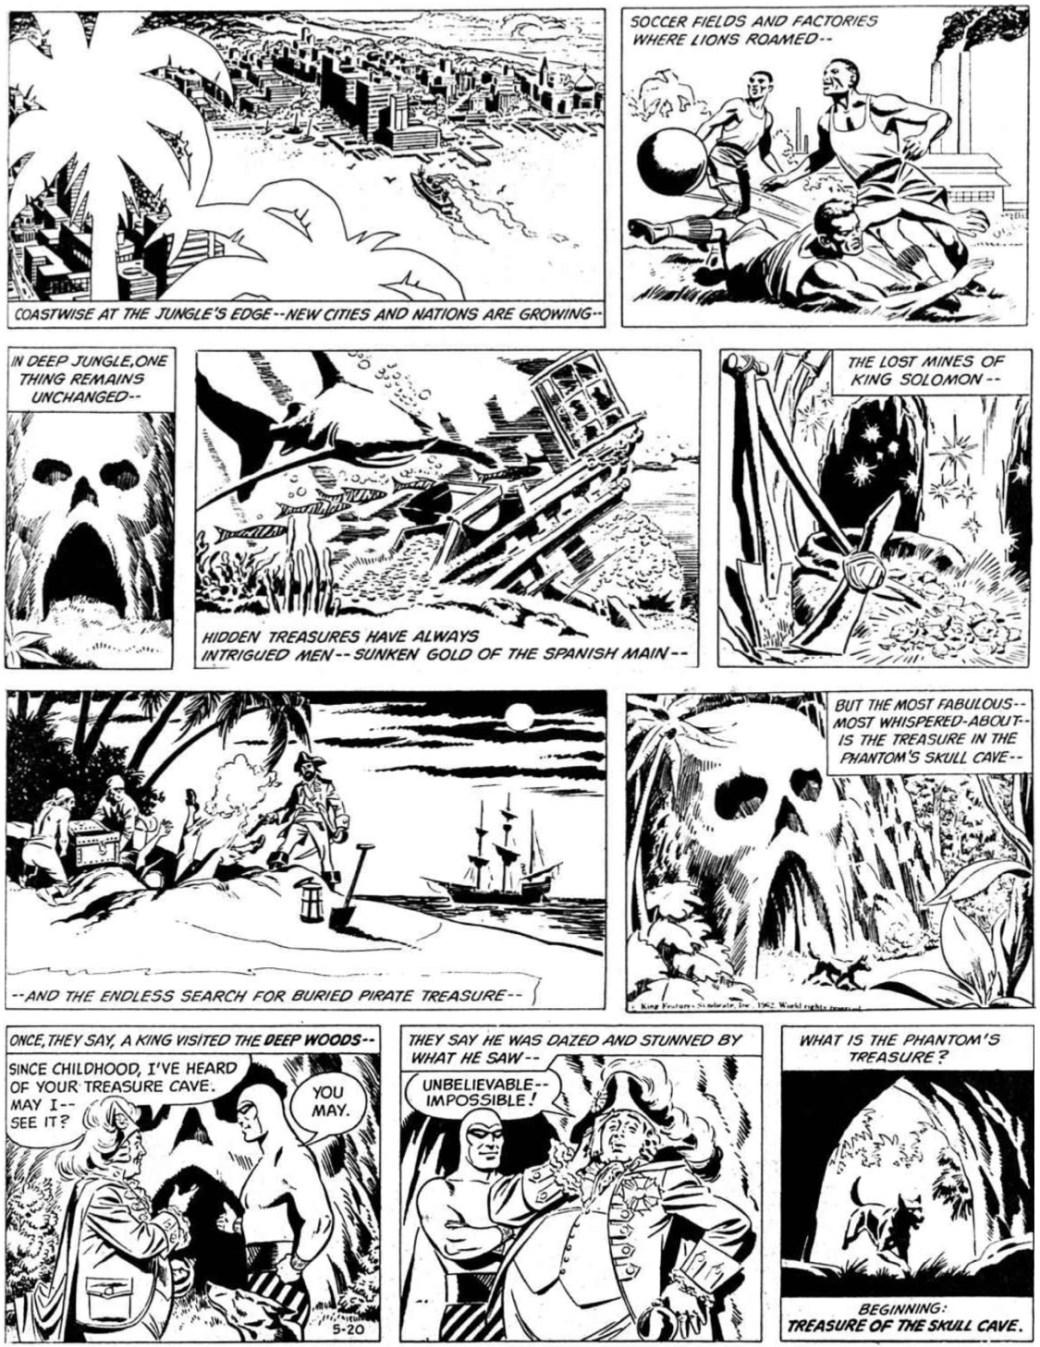 Barrys första söndagsepisod började publiceras 20 maj 1962